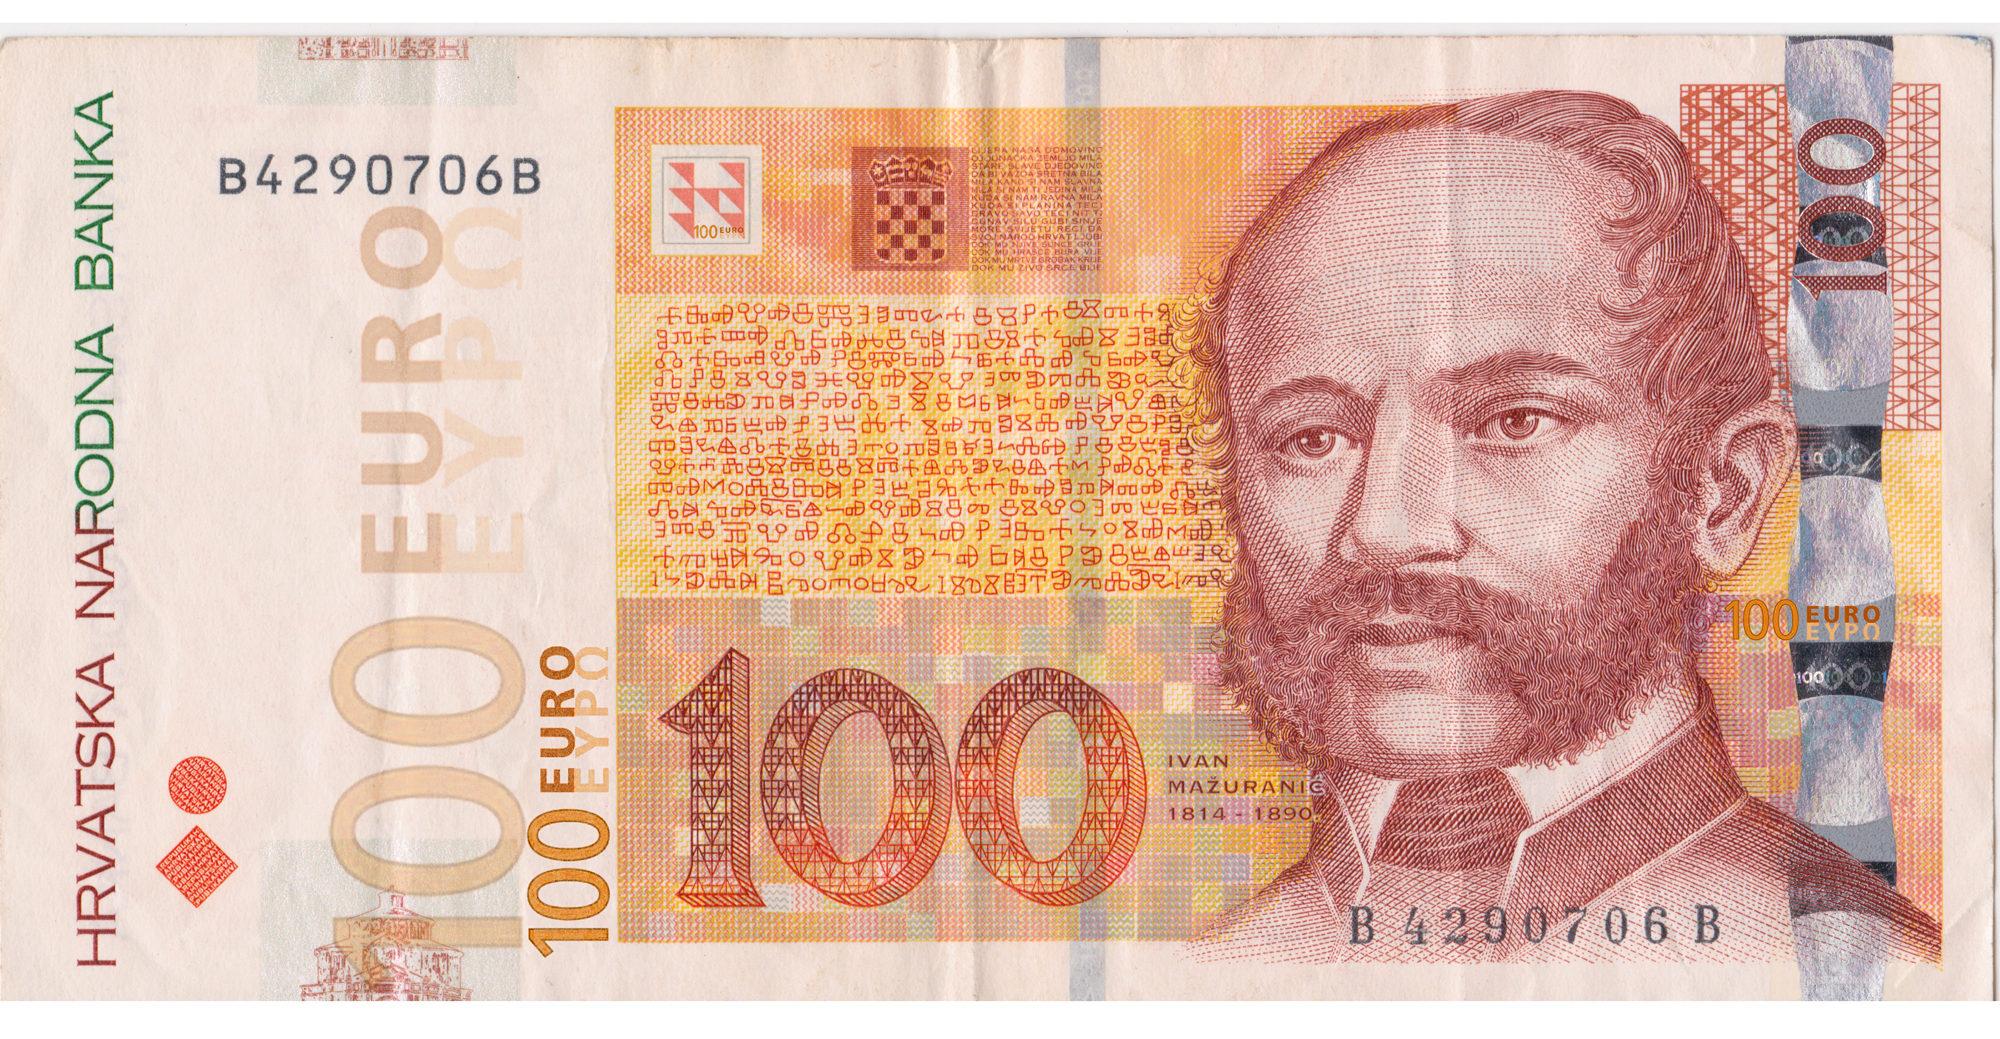 Hrvatska I Euro I Erm 2 Kao Prvi Korak Prema Eurozoni